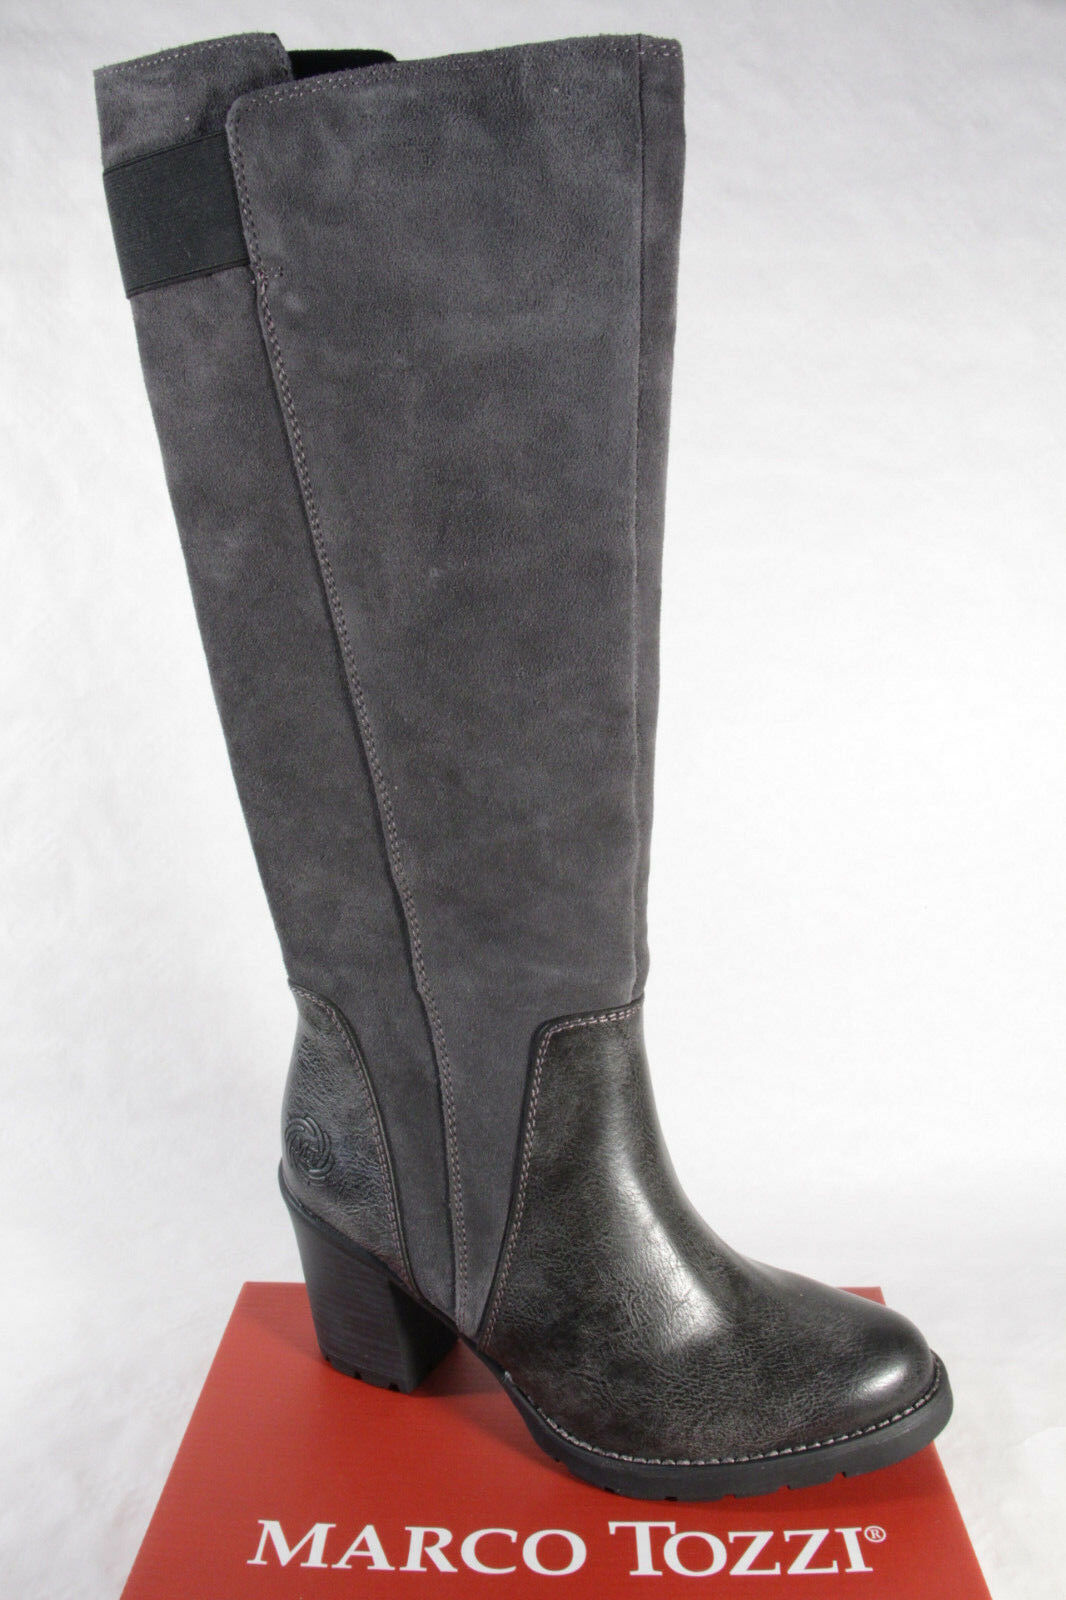 Grandes zapatos con descuento Marco Tozzi 25613 Botas, Botines, botas, Cuero Auténtico gris NUEVO